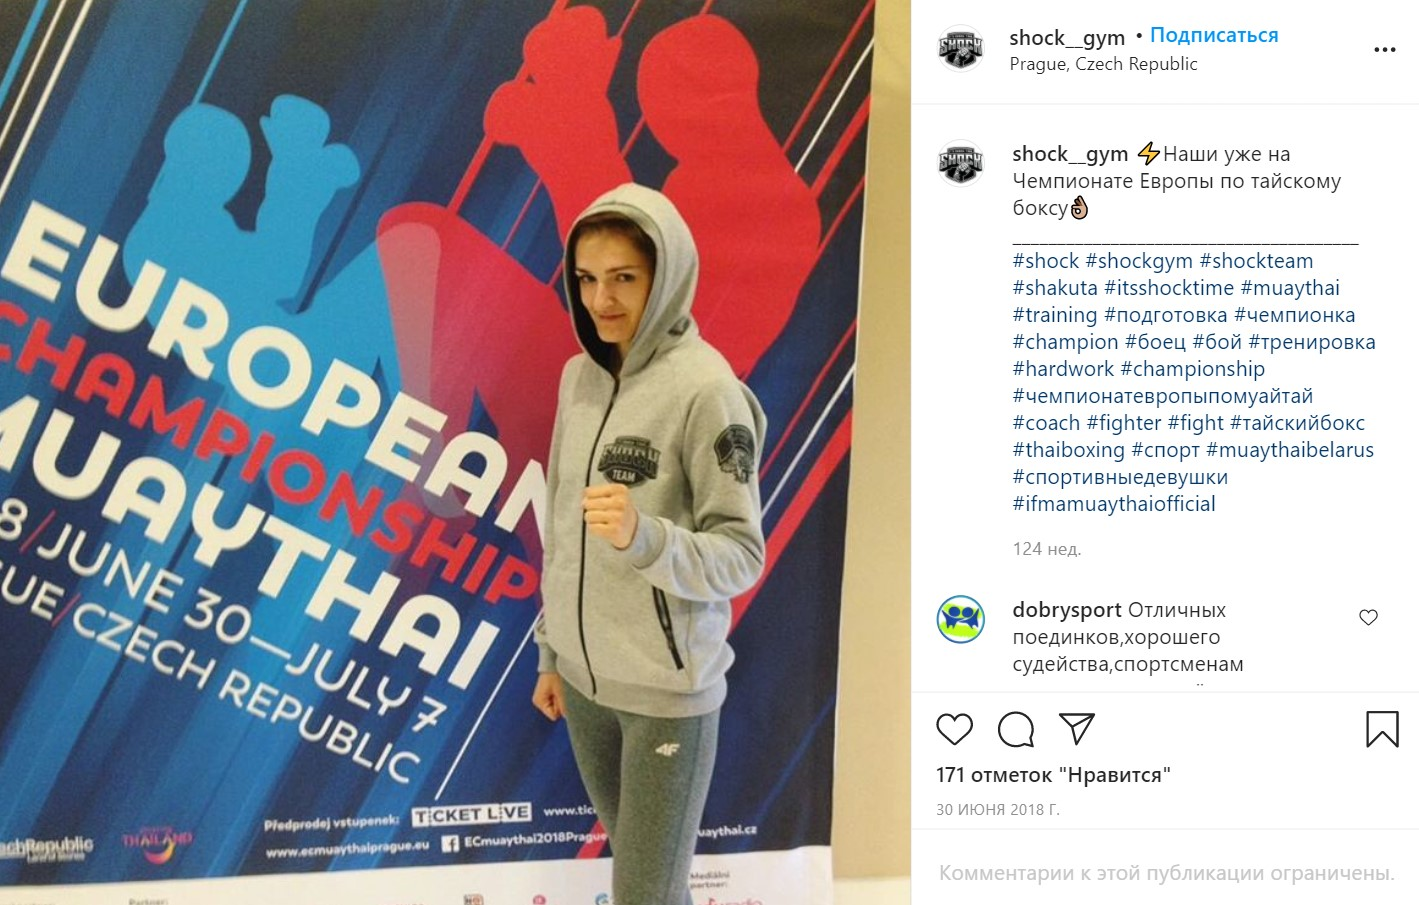 Дарья Белькова в брендированном костюме «Шок» и мотоклуба «Iron Birds». Фото @shock__gym